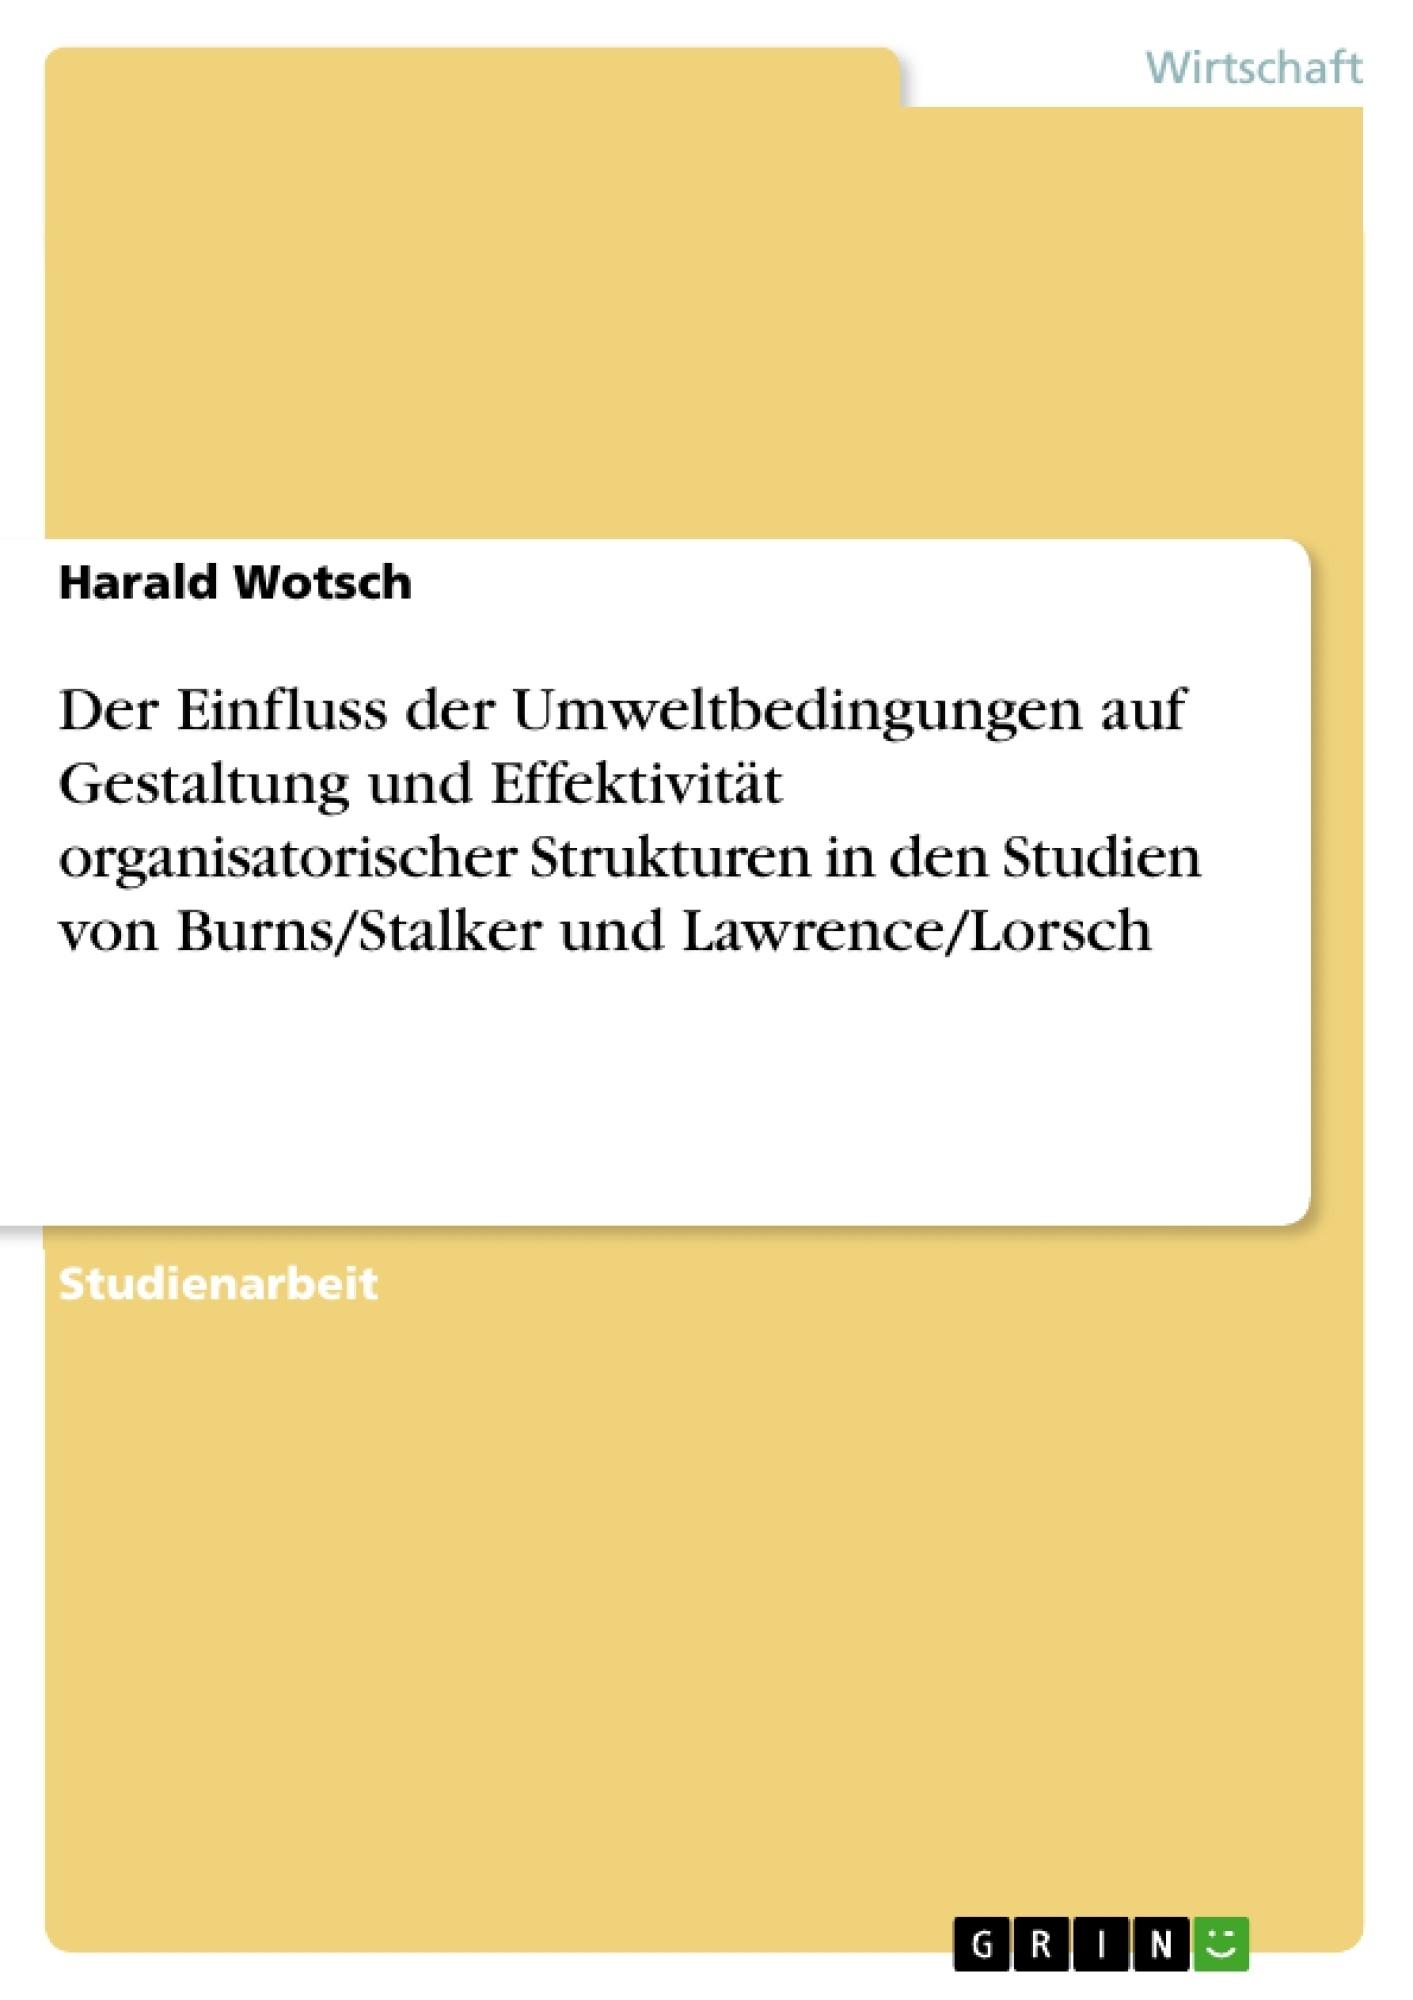 Titel: Der Einfluss der Umweltbedingungen auf Gestaltung und Effektivität organisatorischer Strukturen in den Studien von Burns/Stalker und Lawrence/Lorsch